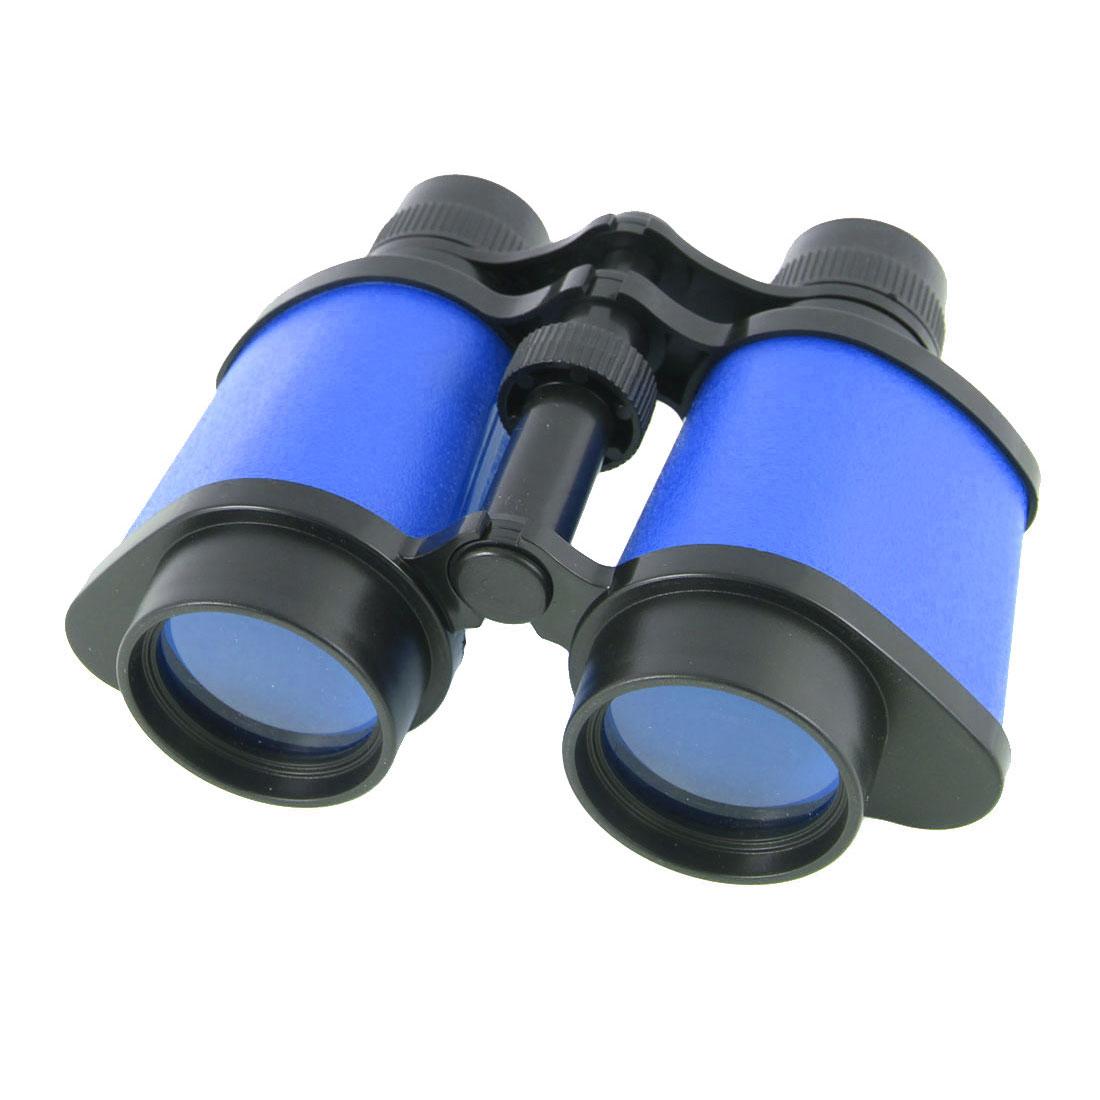 Plastic Transparent Lens Neck Strap Design Adjustable Binocular Blue